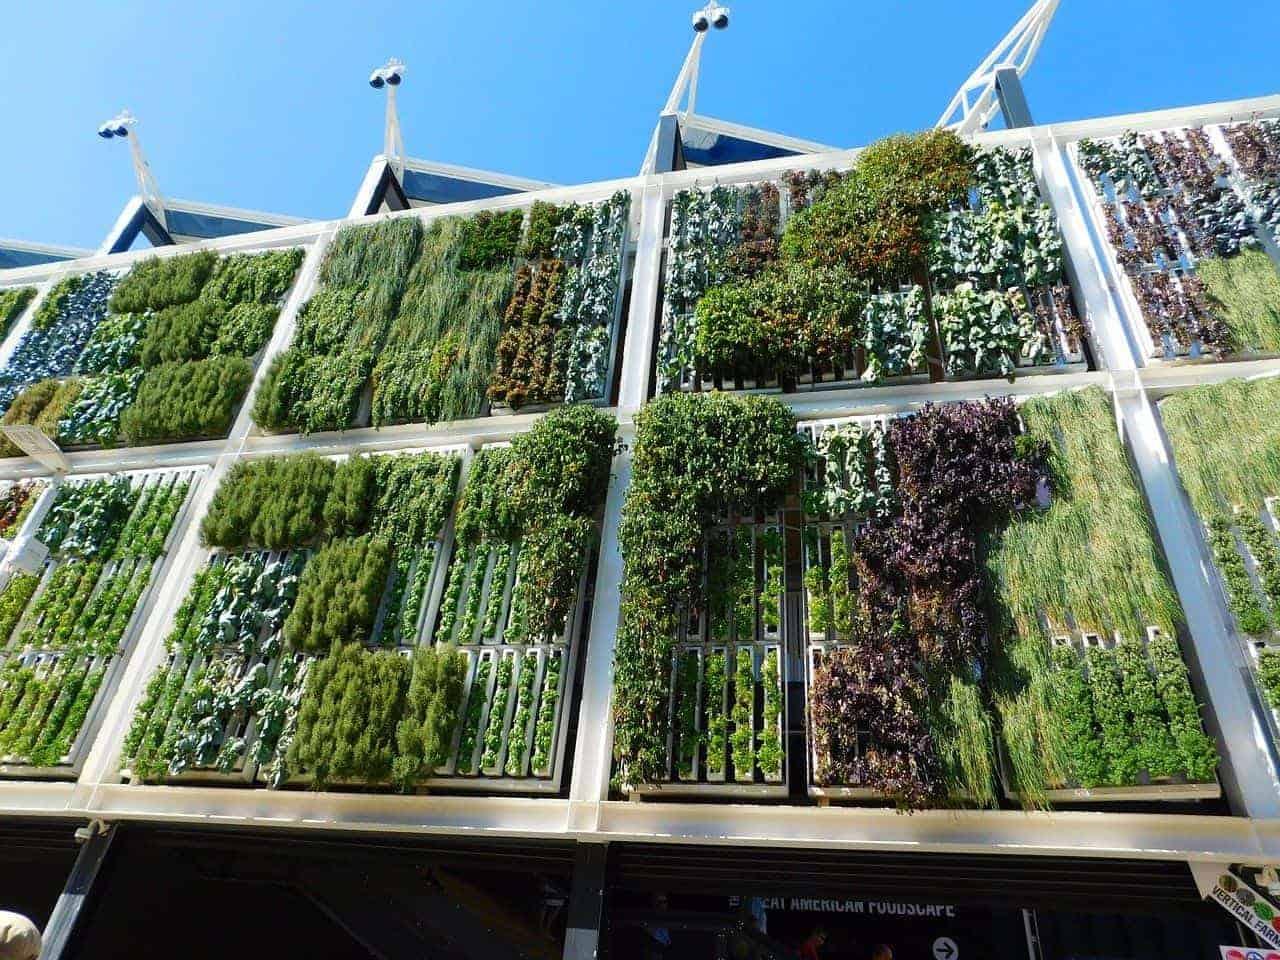 Der vertikale Garten – schöne grüne Wände